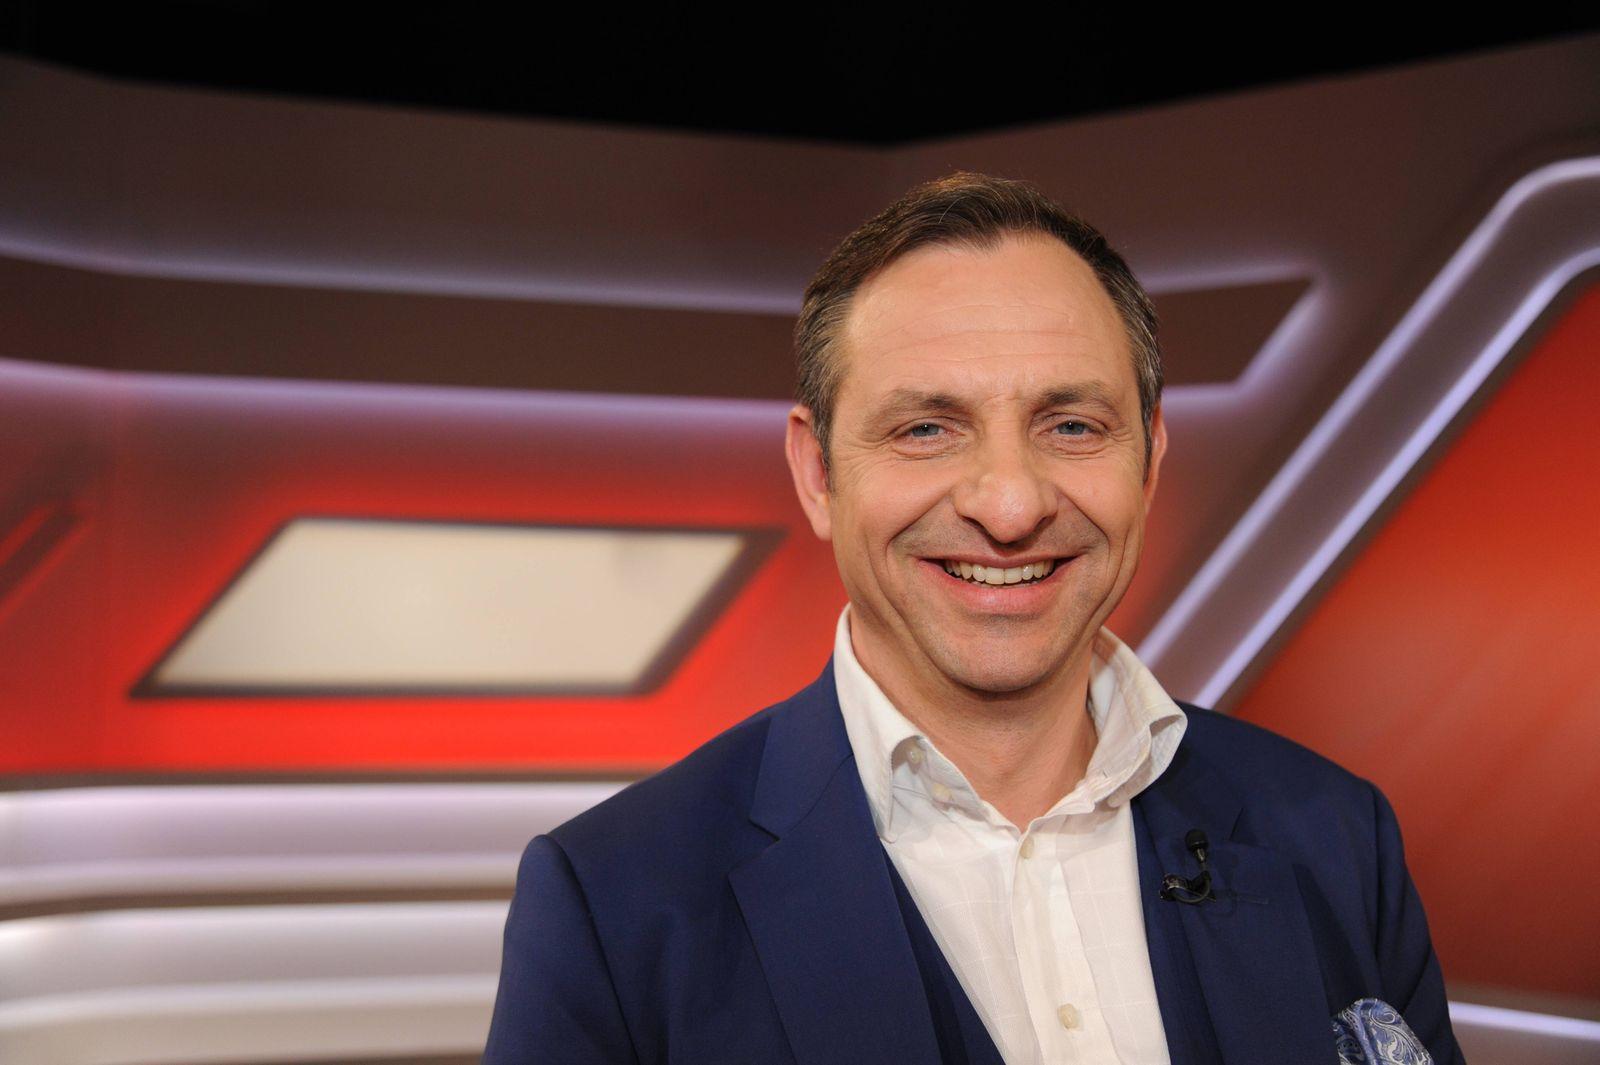 Der Politiker Jorgo Chatzimarkakis ehemaliger FDP Europaabgeordneter zu Gast in der ARD Talkshow Ma